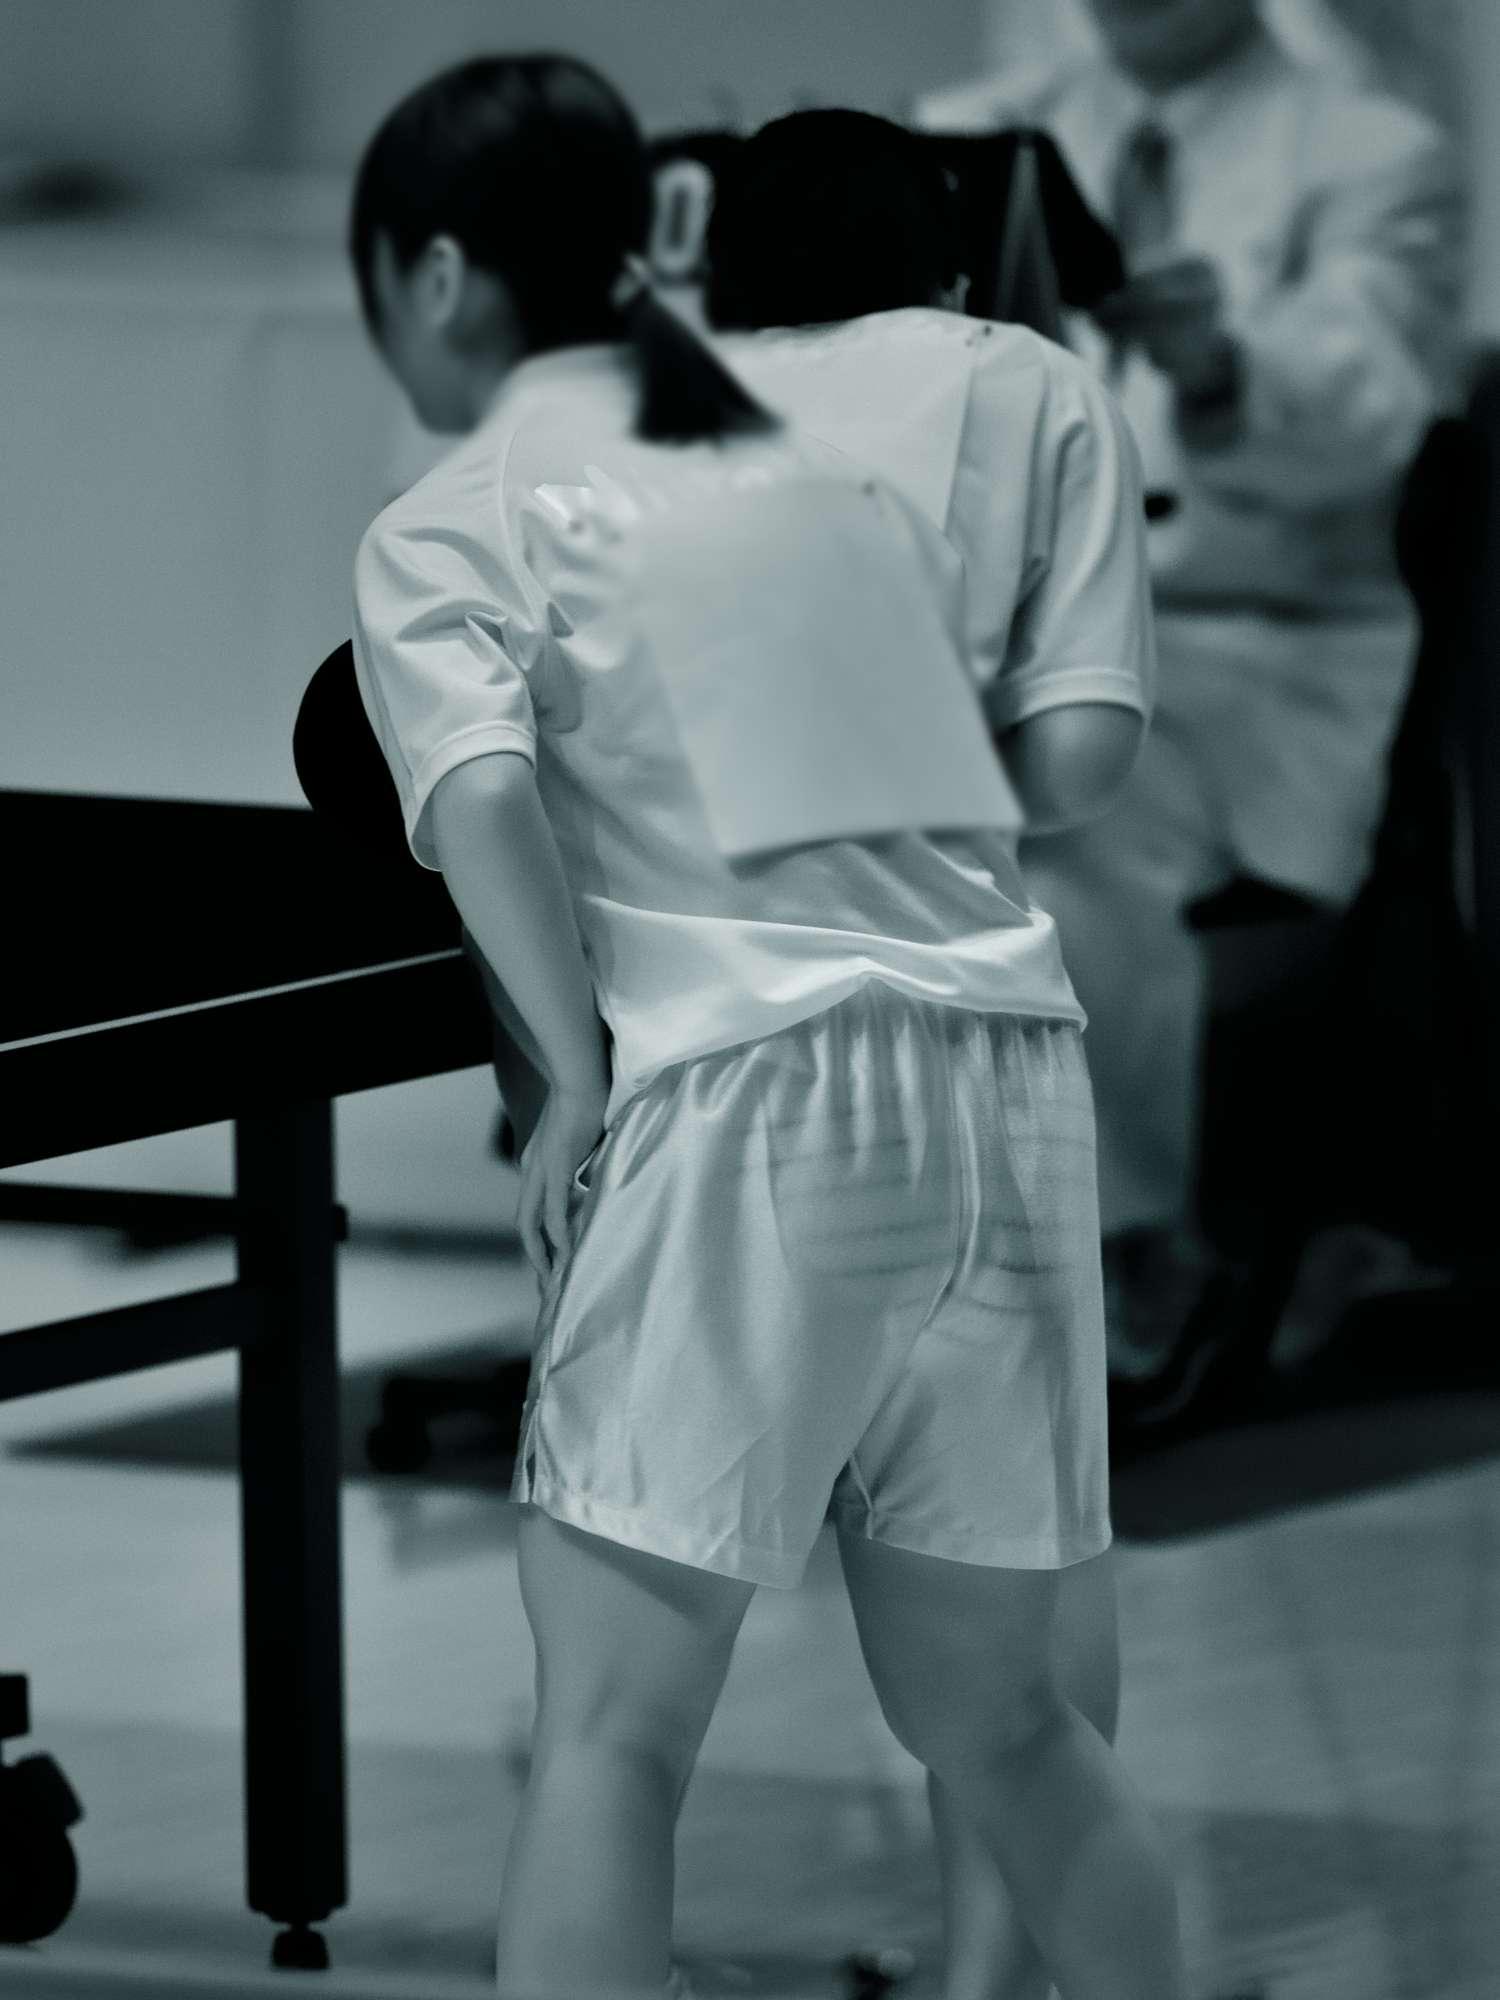 卓球モロにマンスジやハミマンエロGIF画像